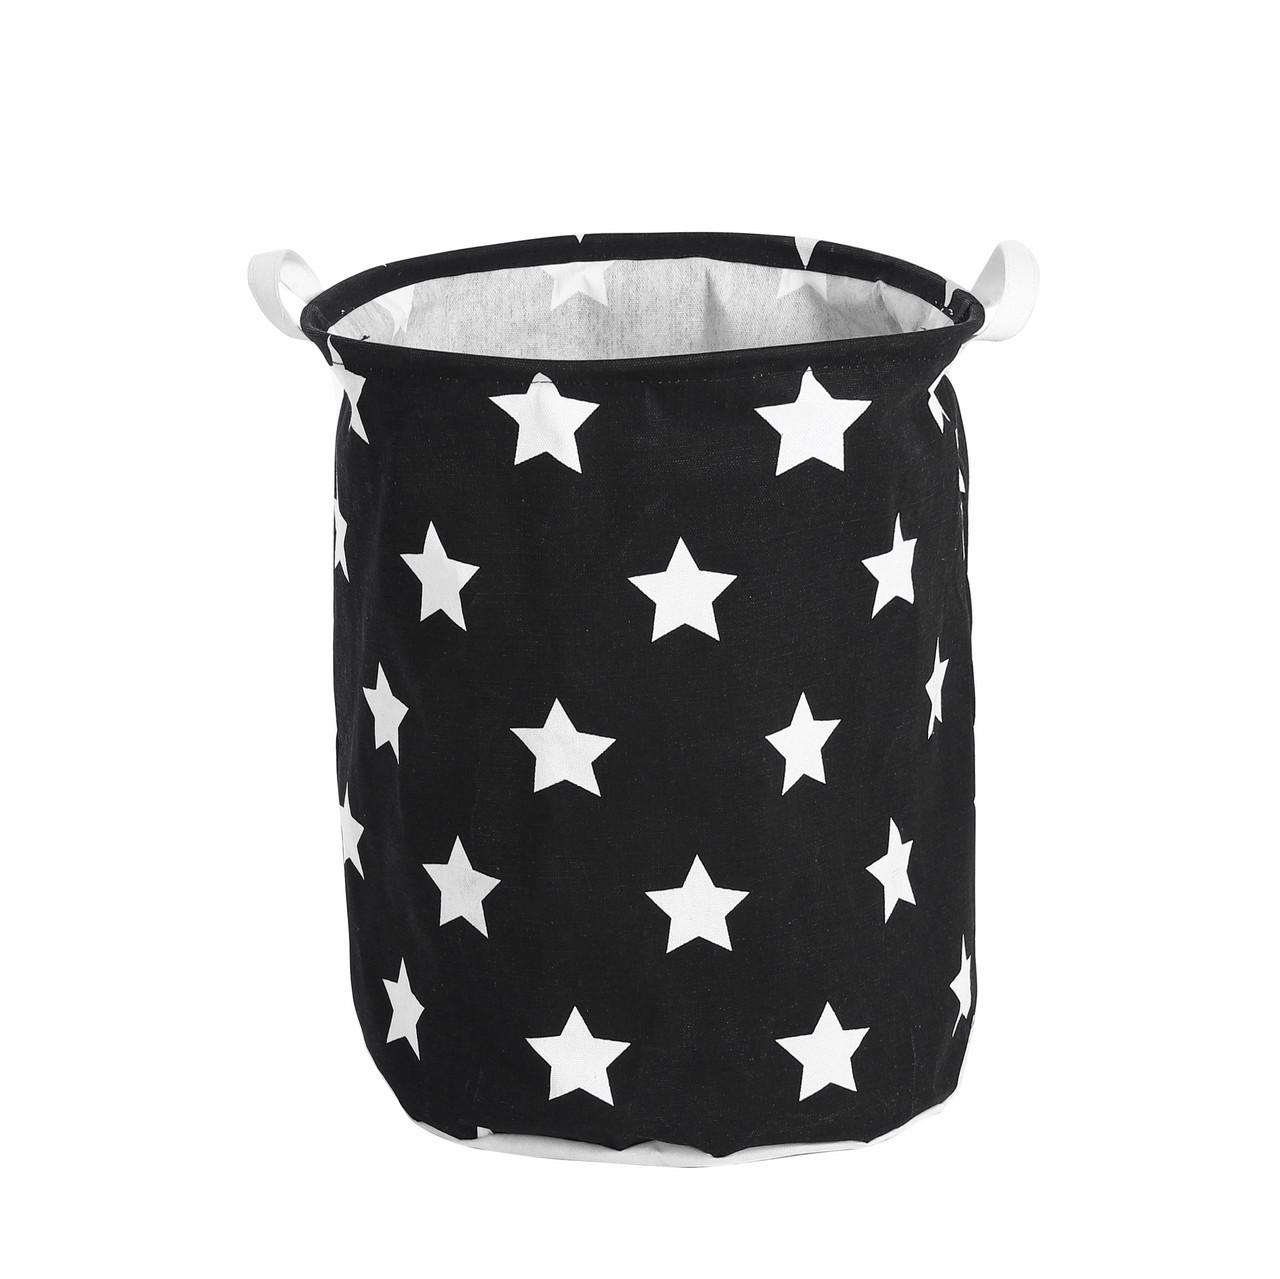 Текстильная корзина с ручками для игрушек, белья, хранения Звёздное небо Berni 39 x 47 см Черная (52304)